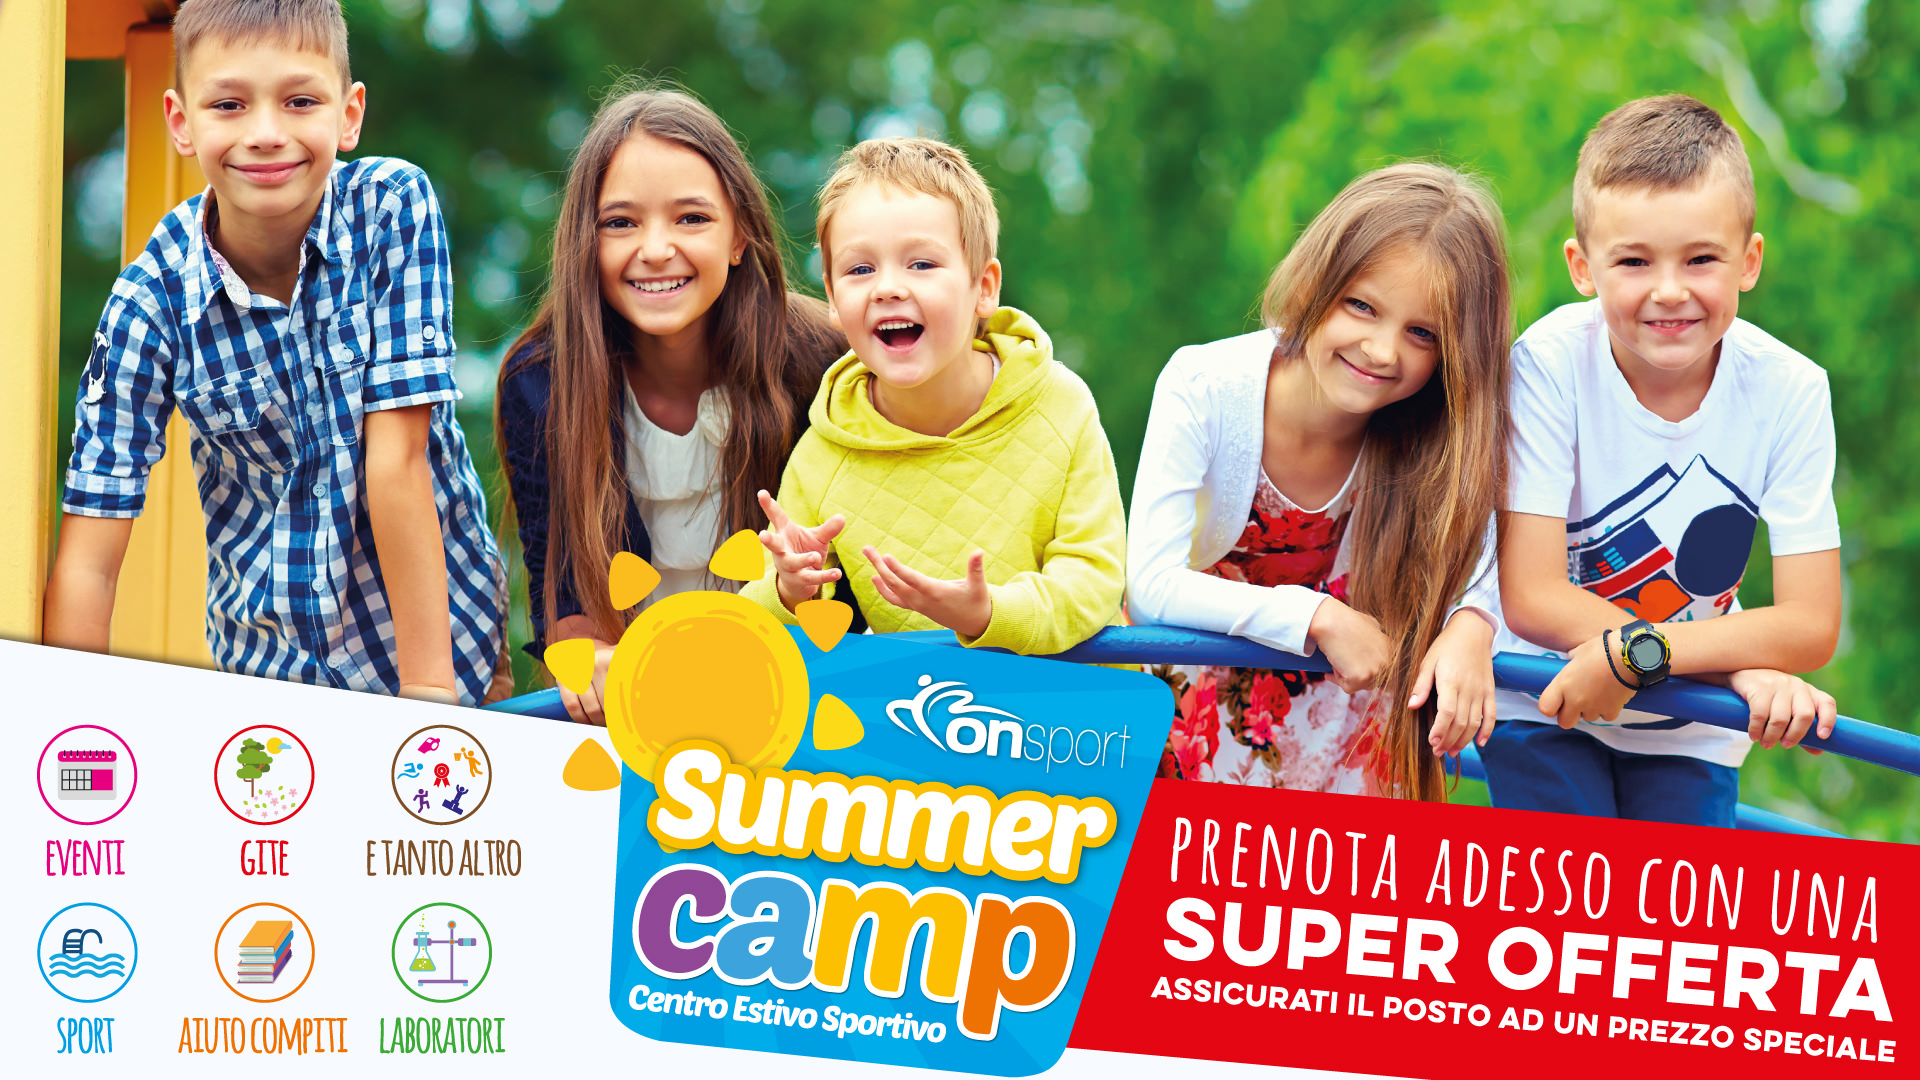 slider-onsport-summer-camp-2018-primo-caricamento